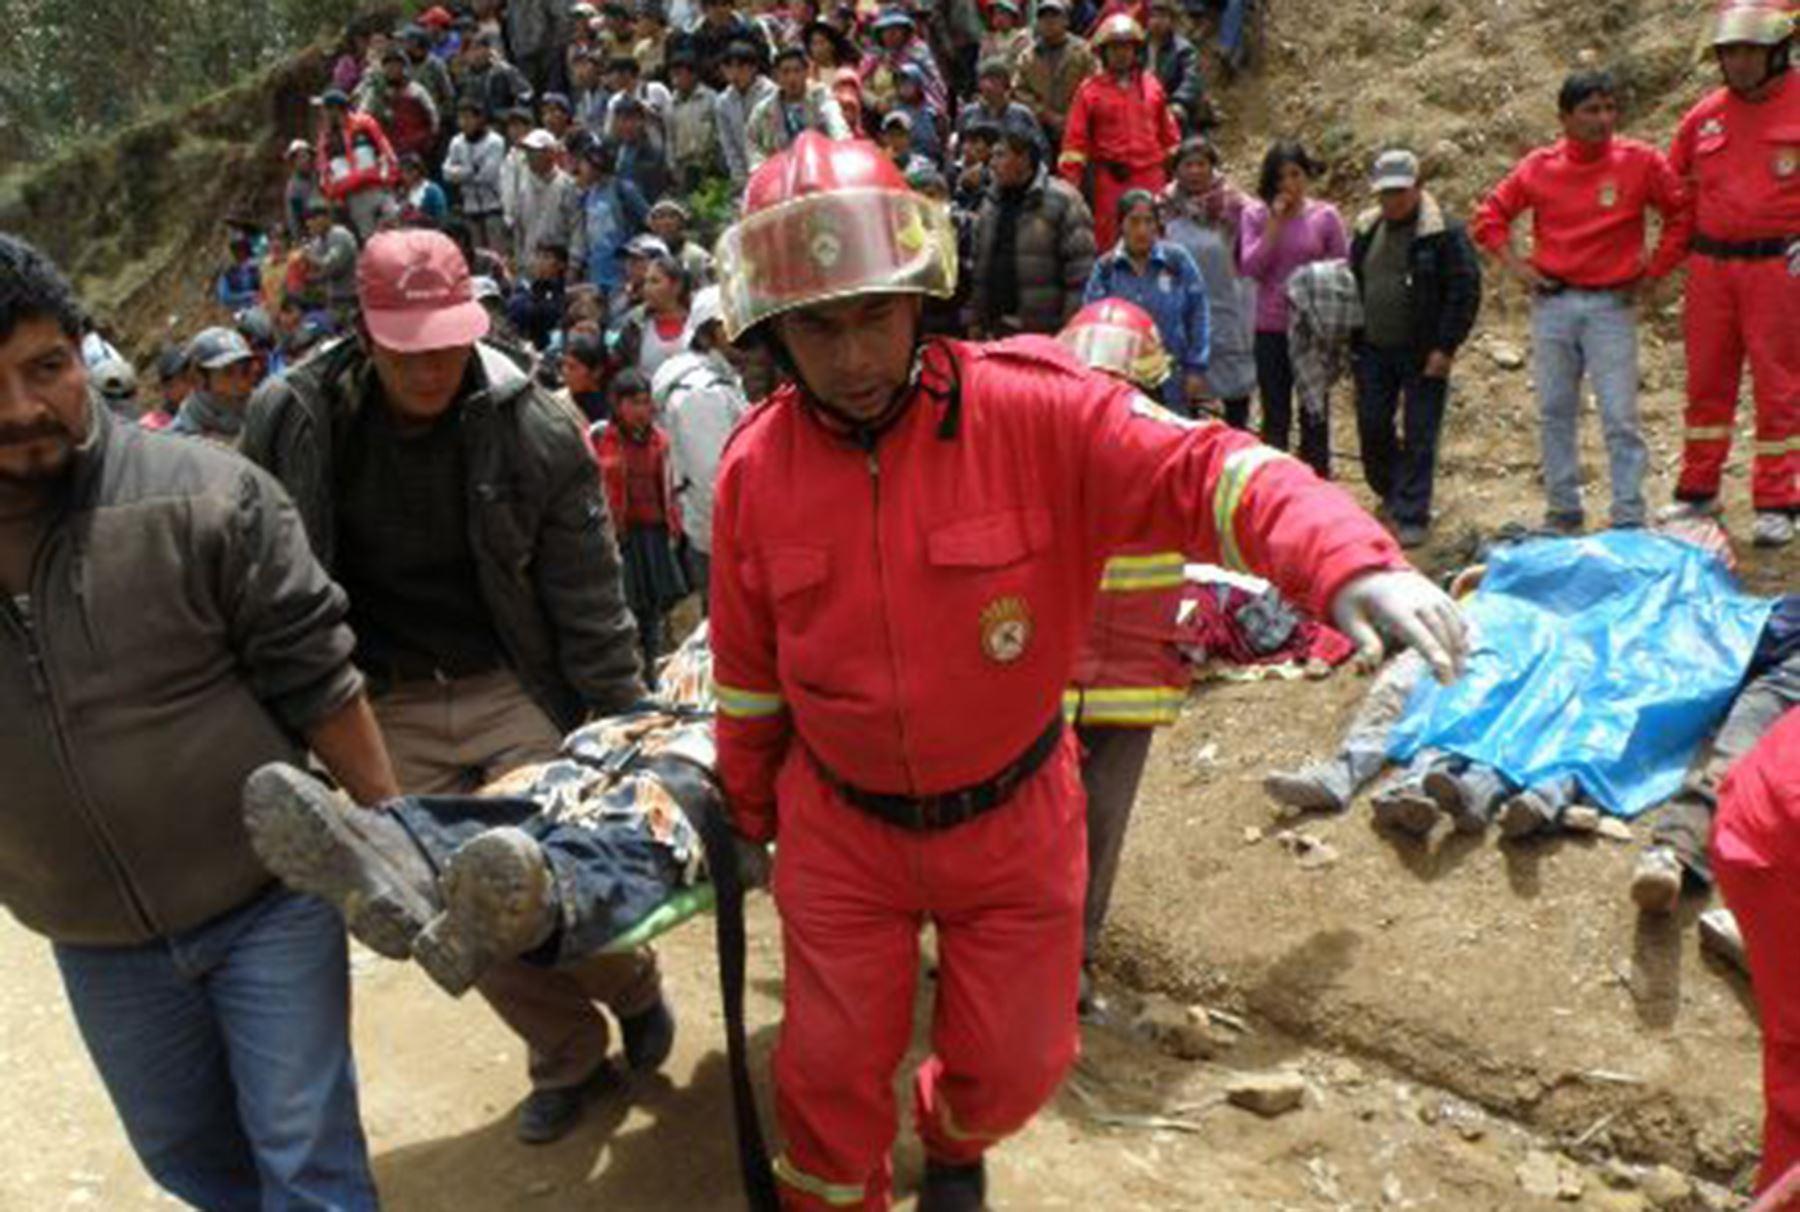 Bomberos y efectivos policiales participaron en el auxilio de los heridos y rescate de los cuerpos del accidente de bus que cayo al abismo en Cusco. Foto:ANDINA/Percy Hurtado.